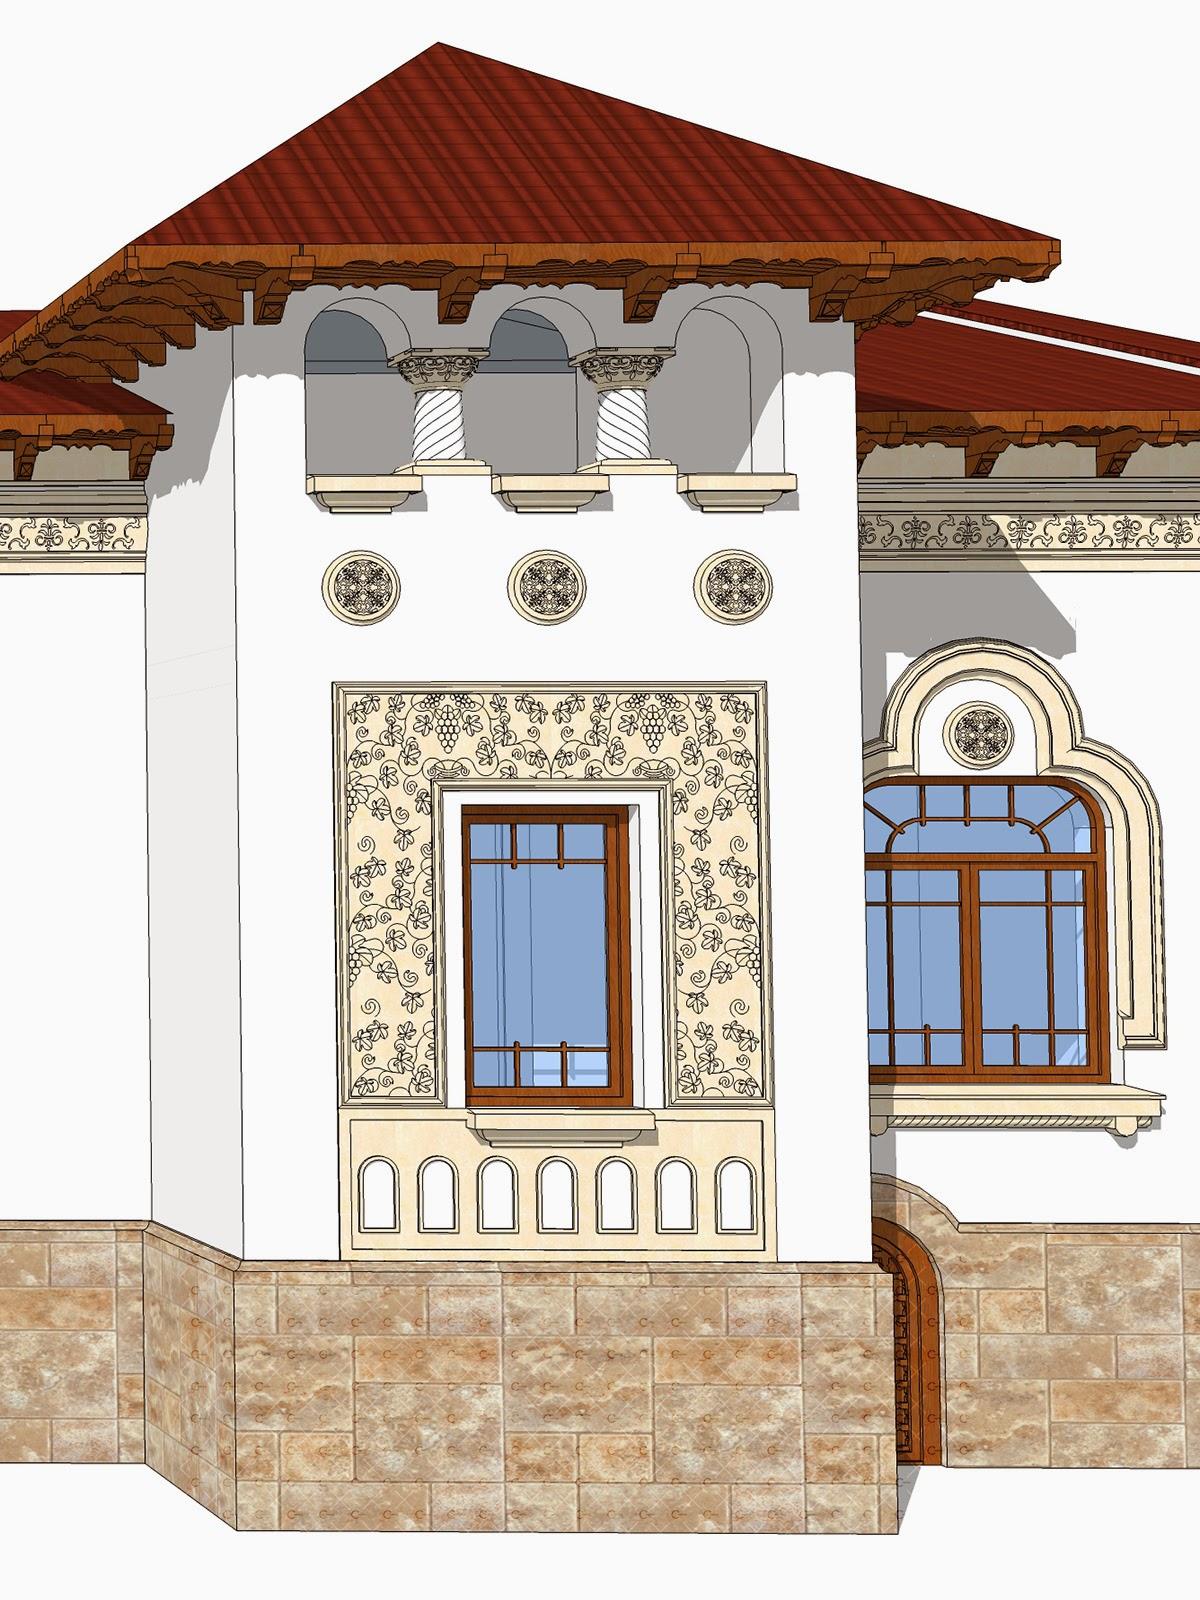 geam neoromanesc proiect fatade case facut de arhitect paun, profile decorative neoromanesti